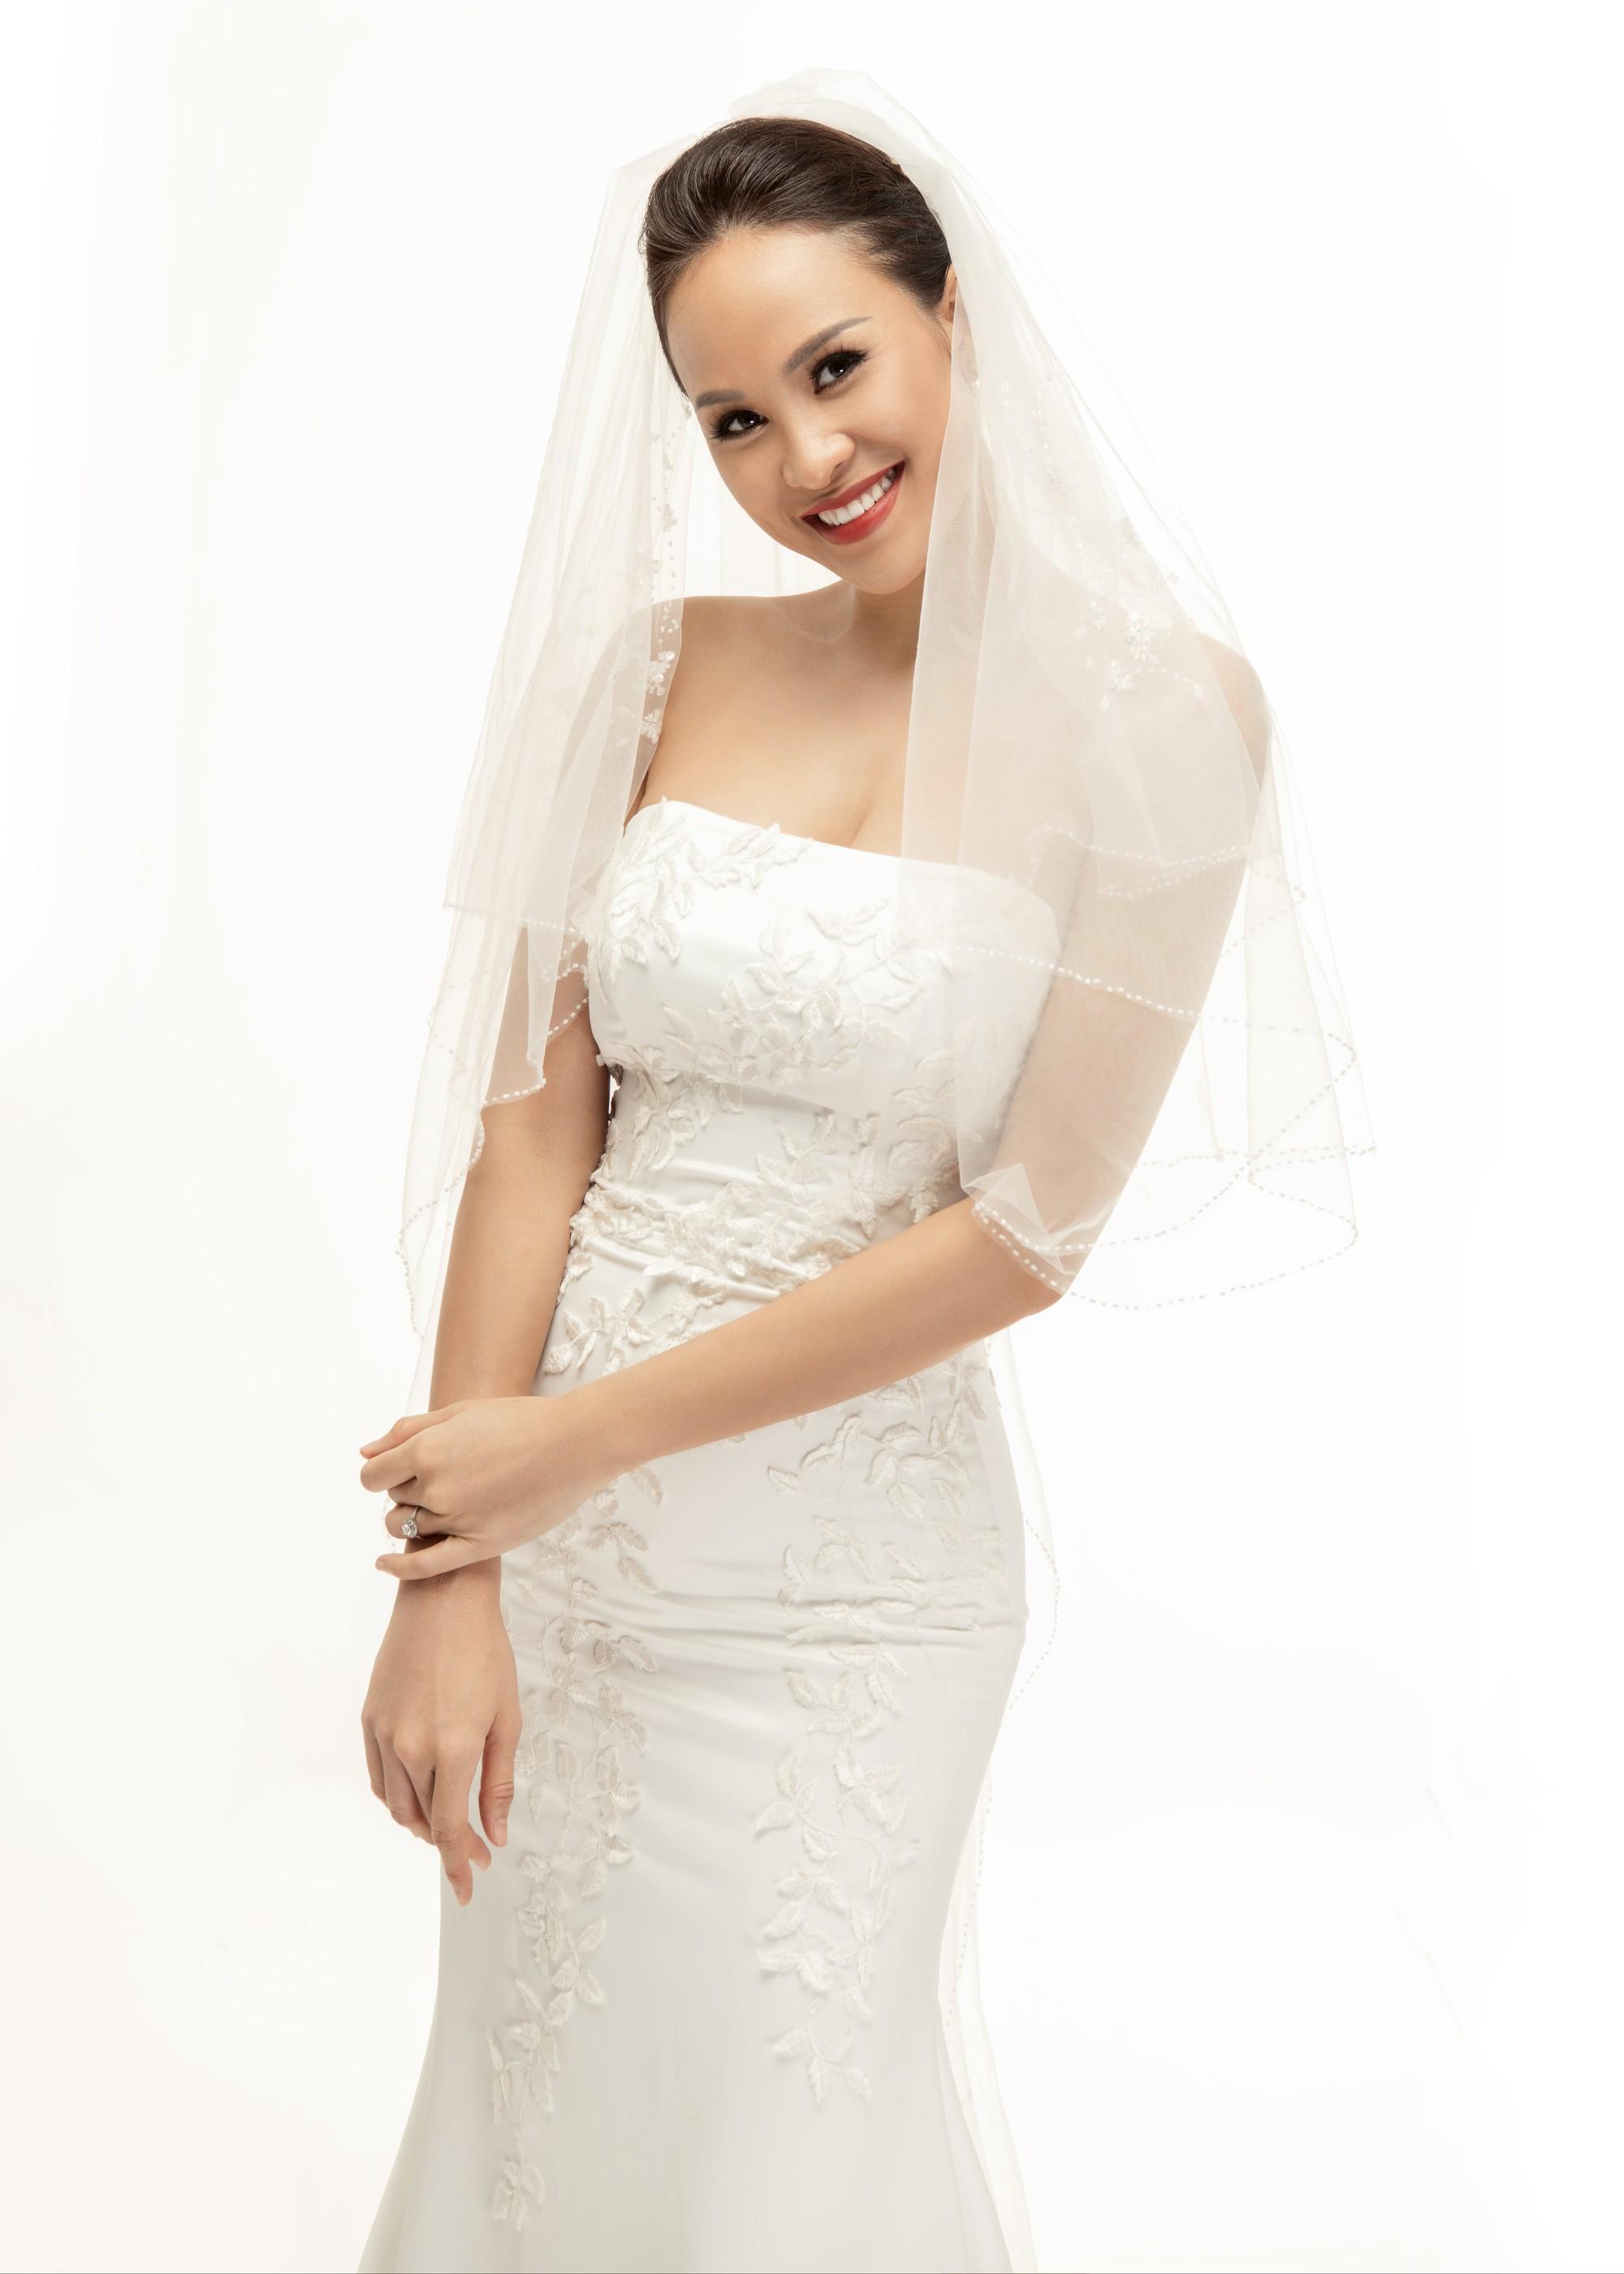 Siêu mẫu Phương Mai khoá môi ông xã Tây cực ngọt ngào trong bộ ảnh cưới trước ngày lên xe hoa - Ảnh 8.